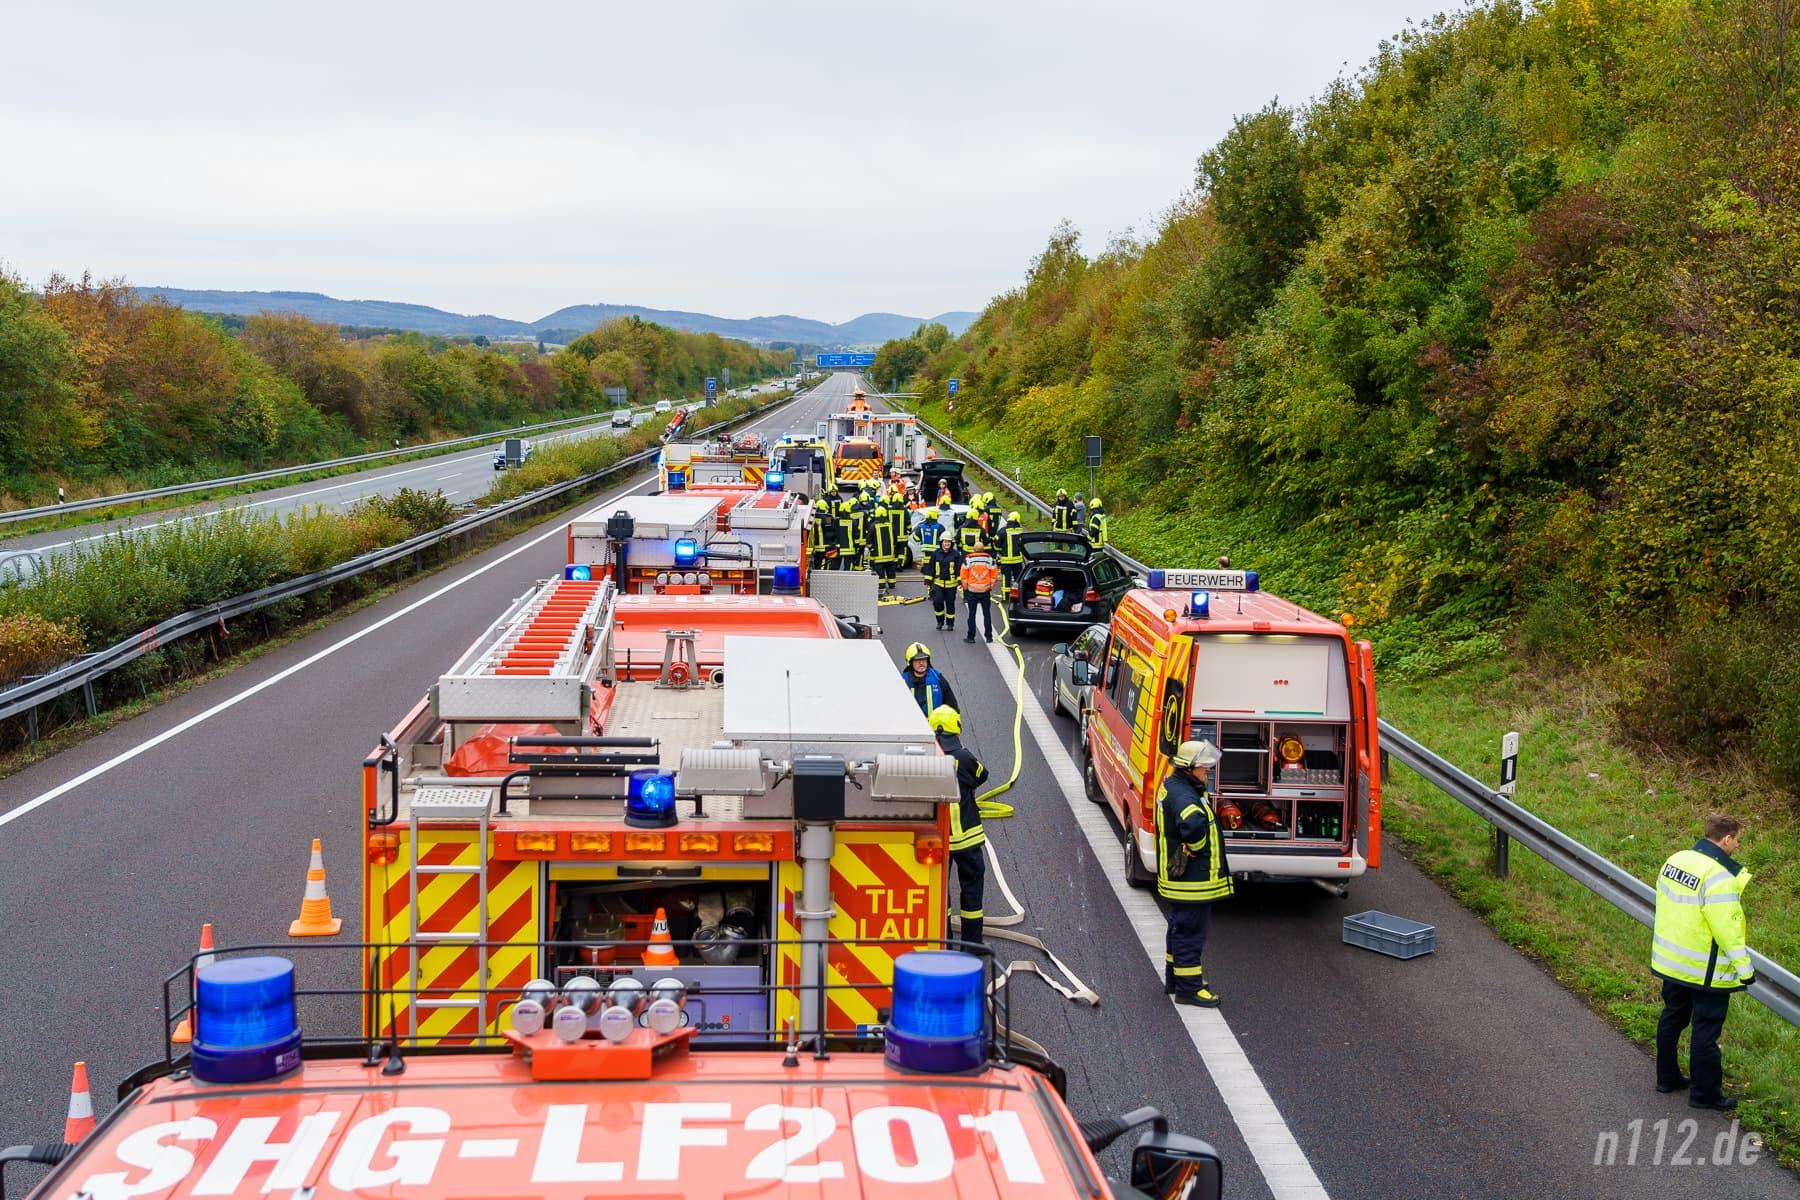 Viel logistischer Aufwand: Bei einem Verkehrsunfall sind schnell 60 bis 100 Einsatzkräfte an der Unfallstelle! (Foto: n112.de/Stefan Simonsen)